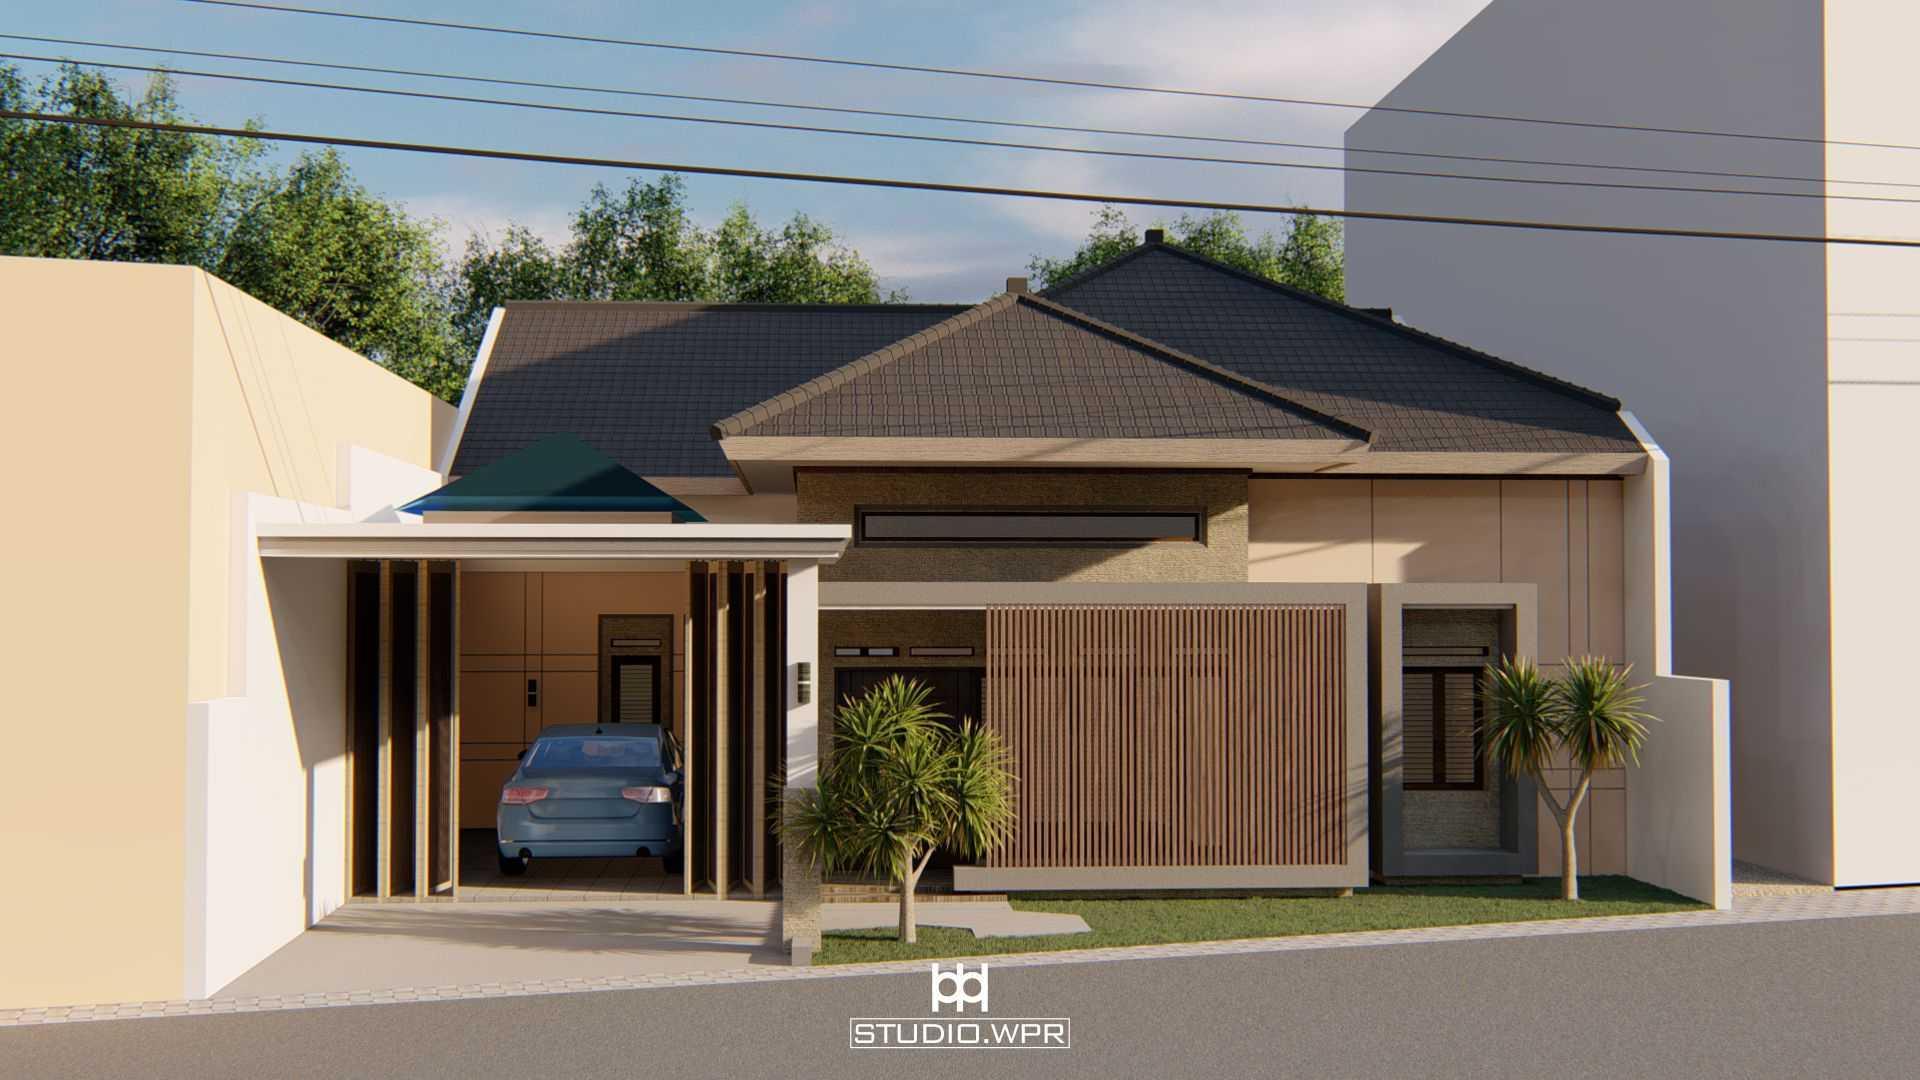 Jasa Design and Build Studio WPR di Tasikmalaya